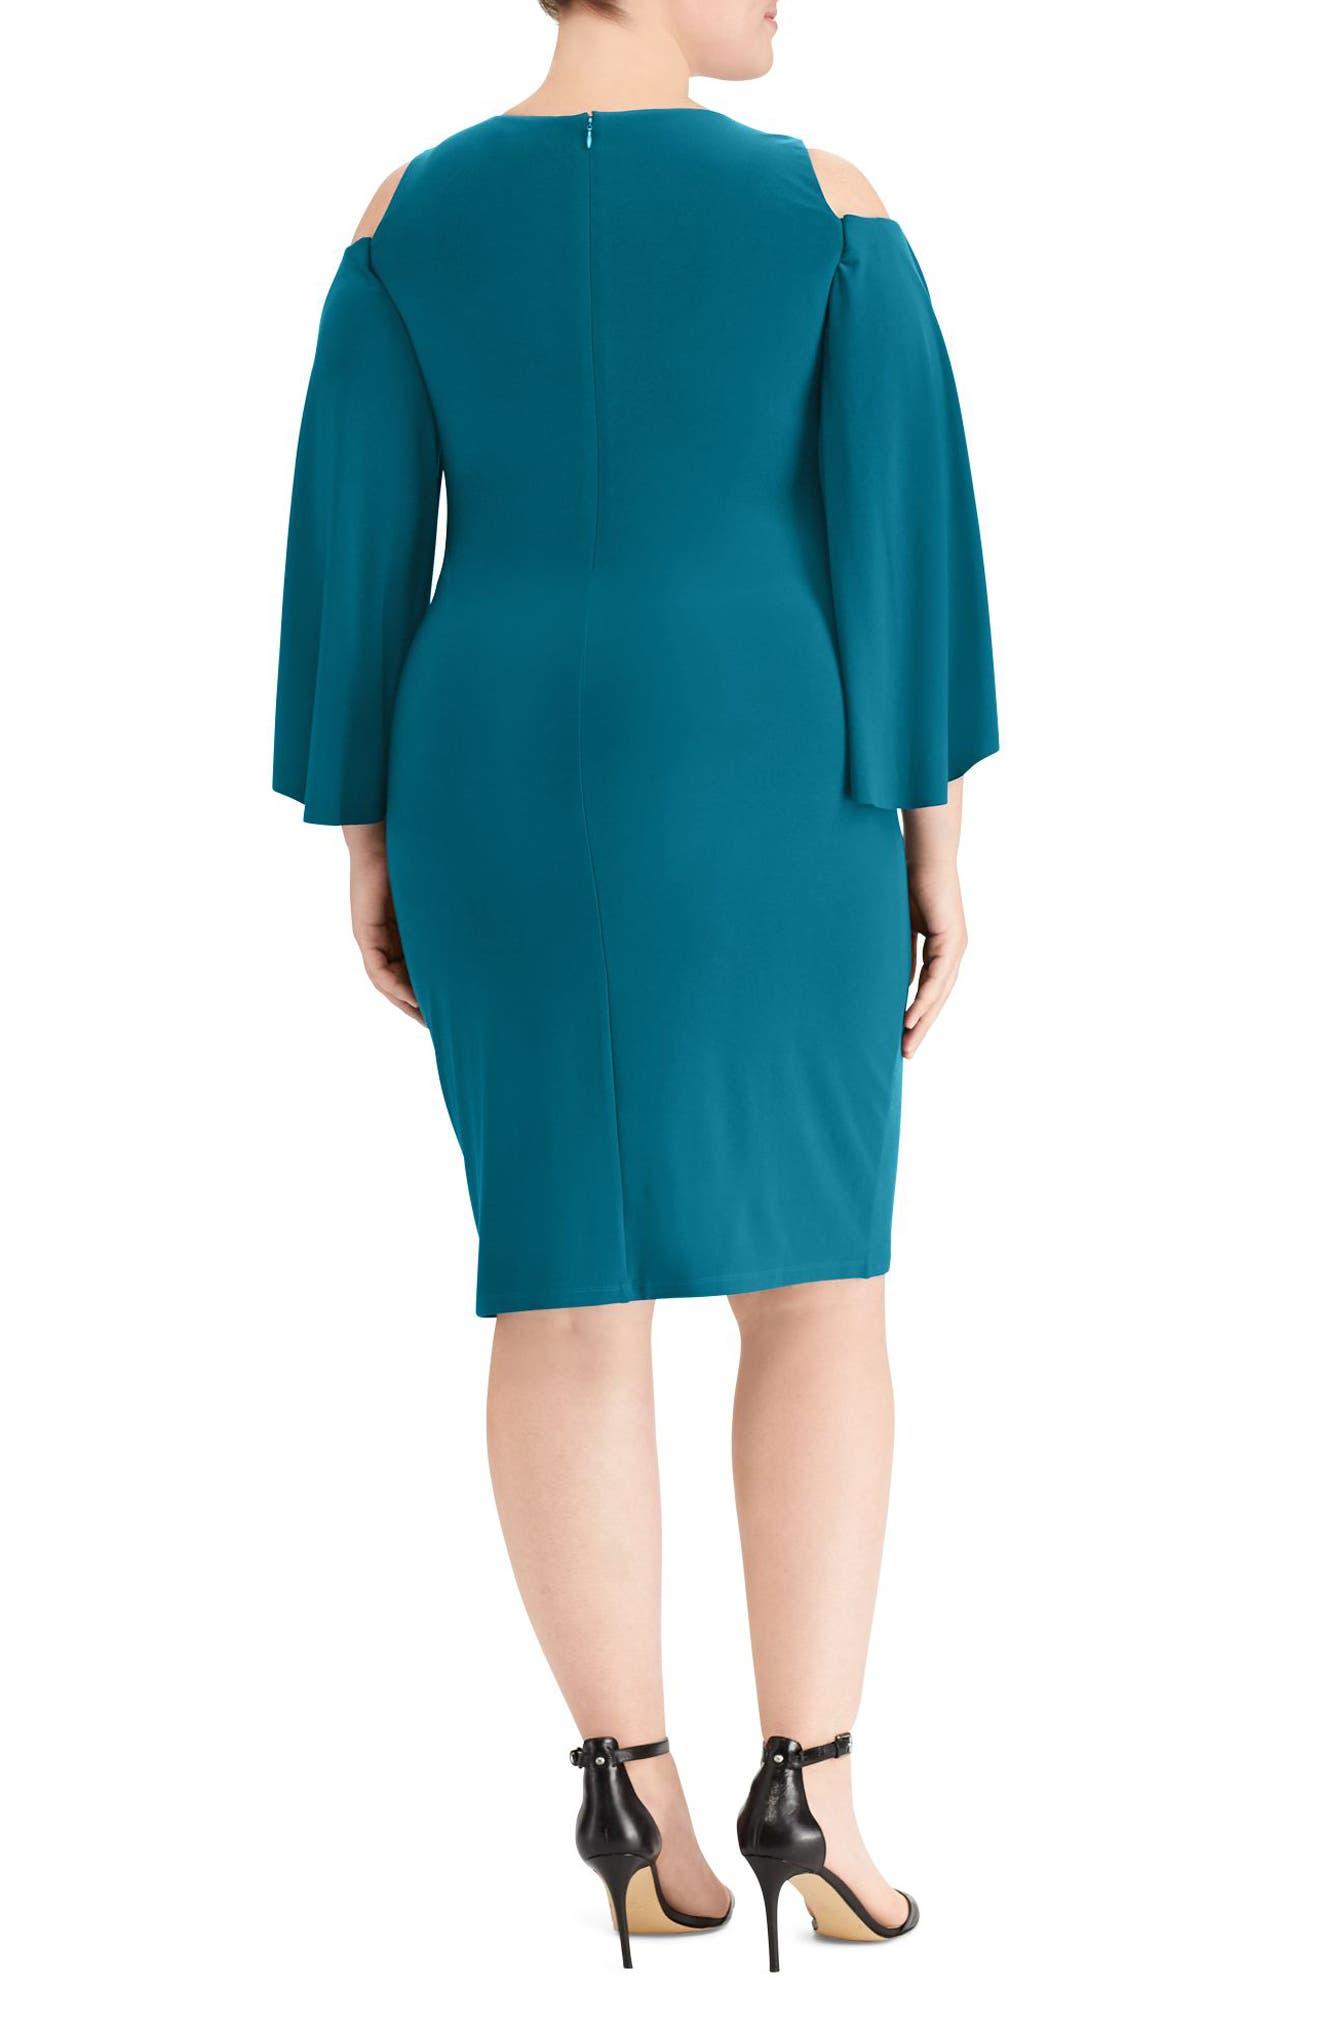 Debbie Cold-Shoulder Dress,                             Alternate thumbnail 2, color,                             French Teal